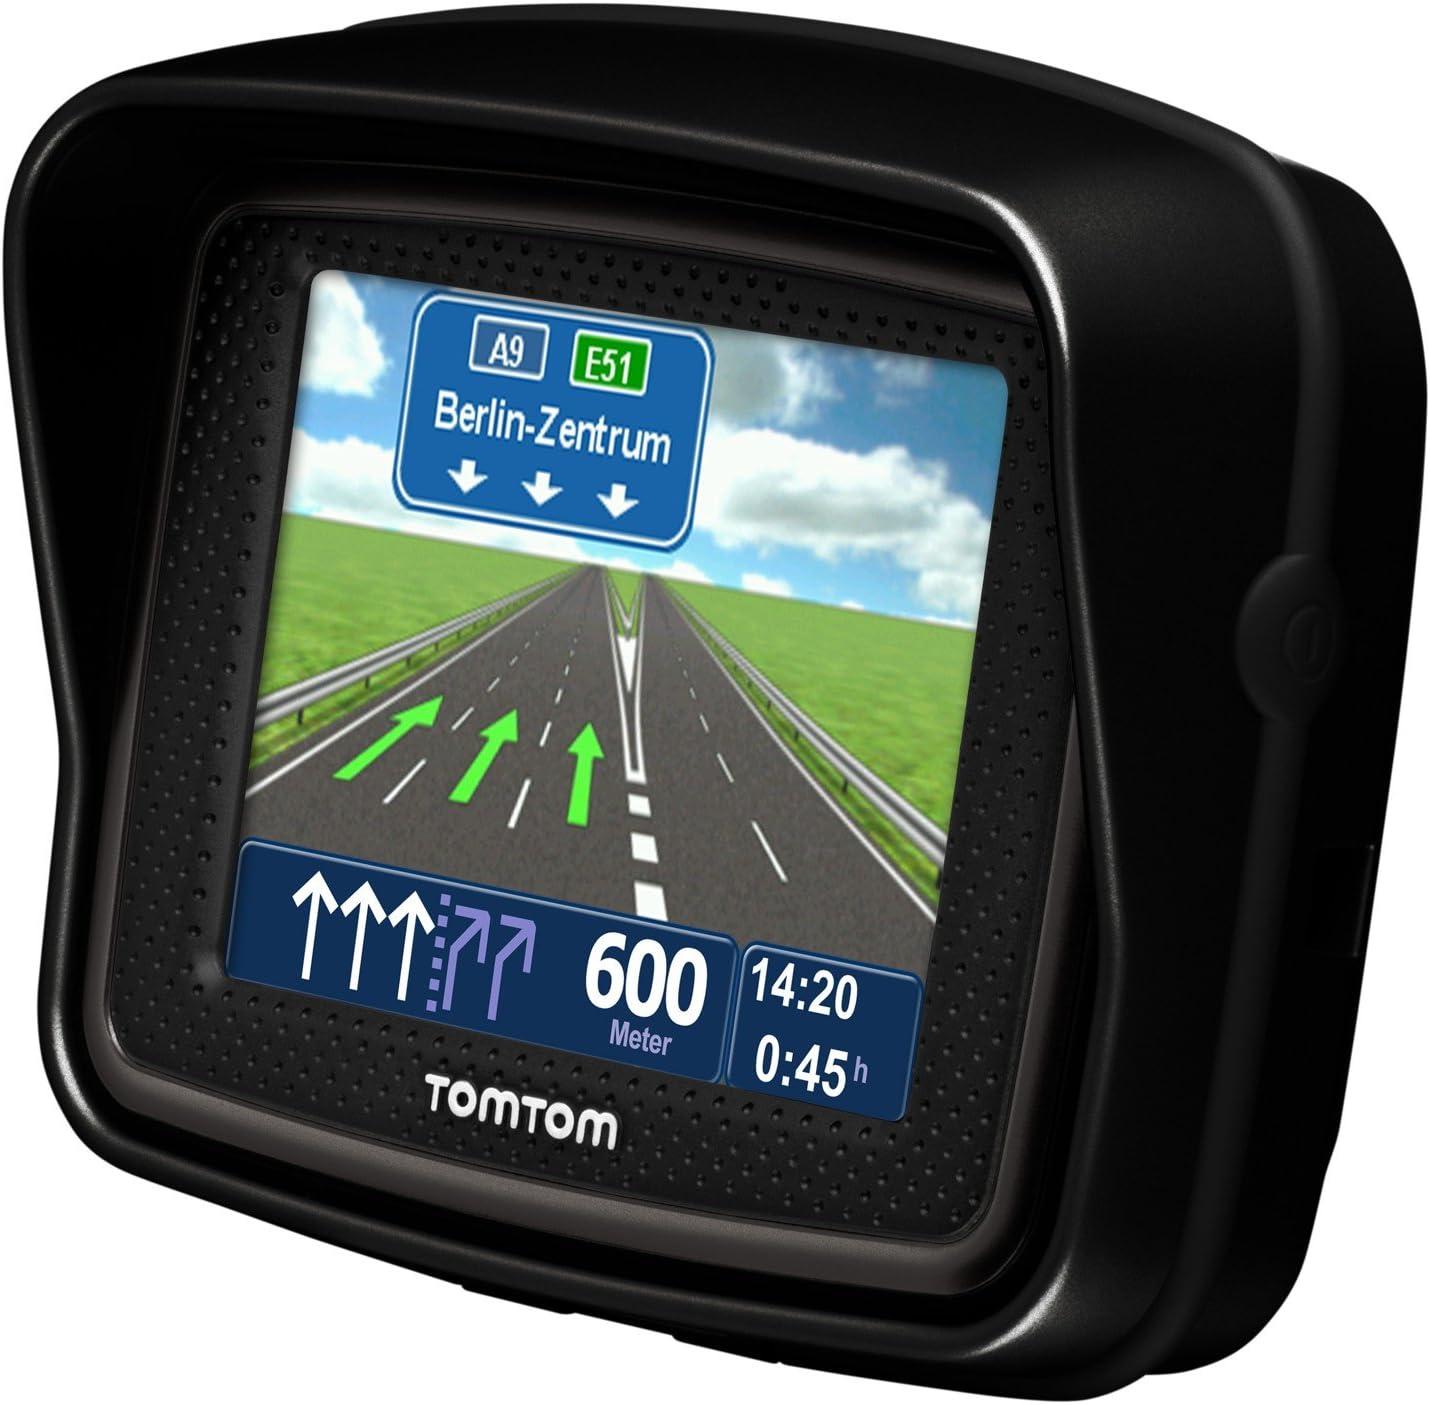 Tomtom Iq Routes Urban Rider Europe Elektronik